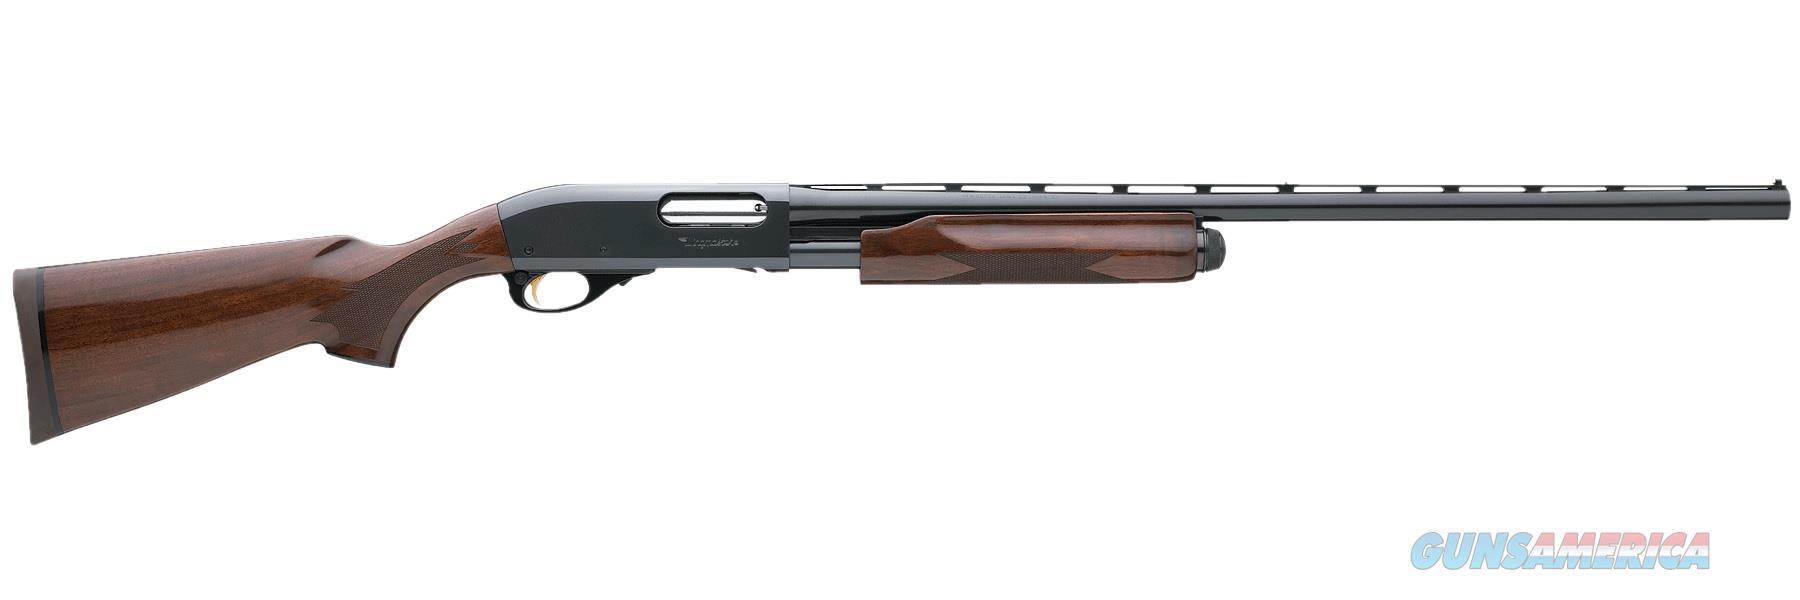 """Remington Model 870 Wingmaster 12 Gauge 26"""" Walnut 26929  Guns > Shotguns > Remington Shotguns  > Pump > Hunting"""